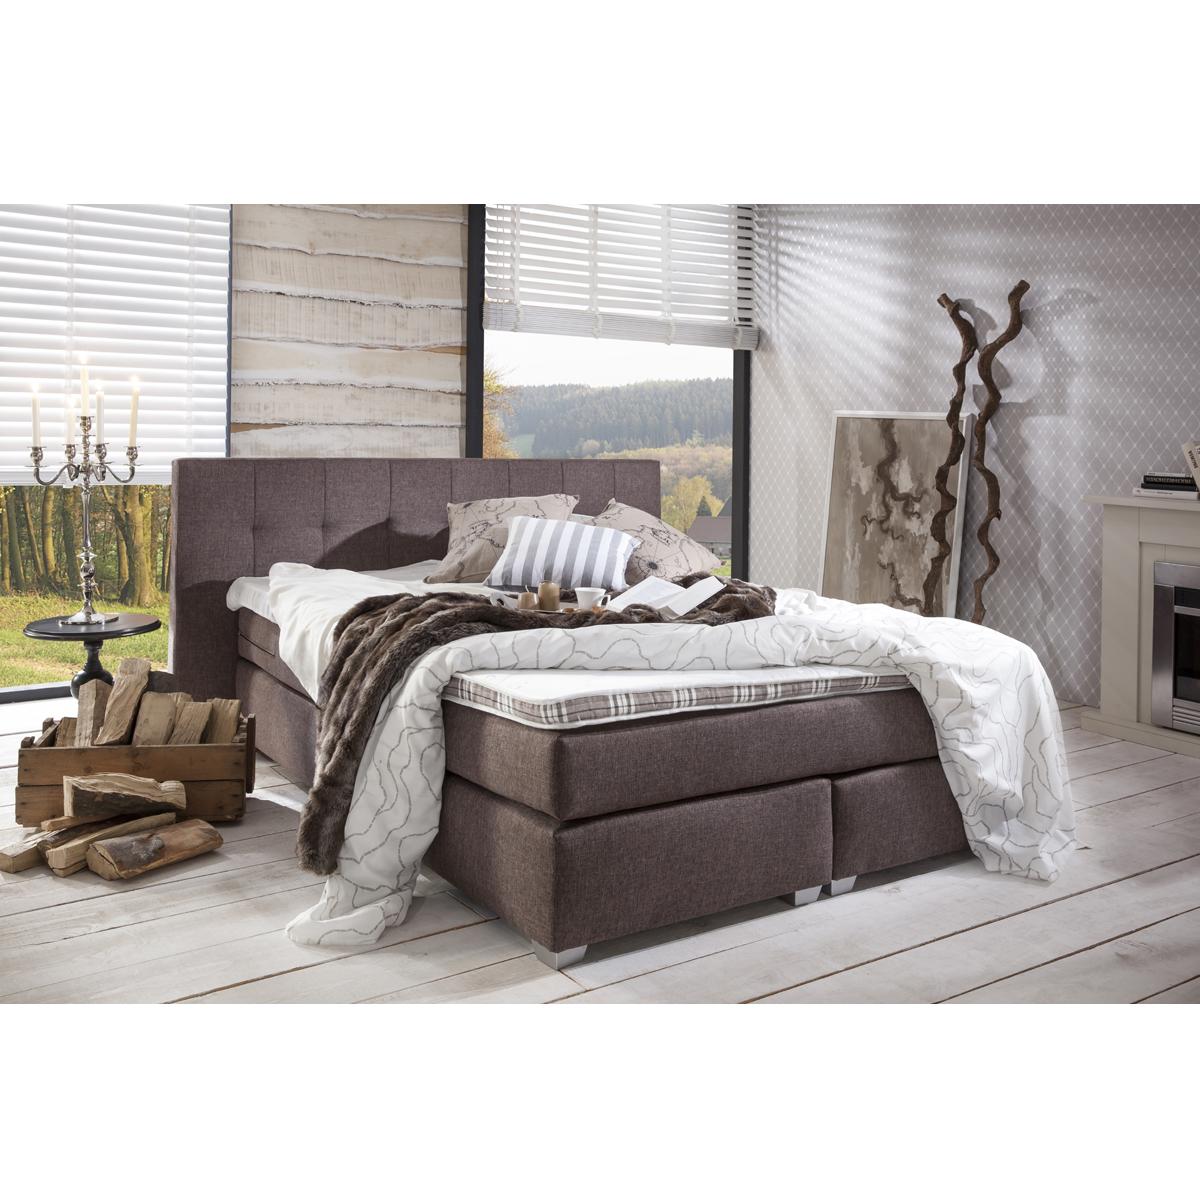 boxspringbett deluxe bei moebel trend 24 g nstig online kaufen moebel trend 24. Black Bedroom Furniture Sets. Home Design Ideas